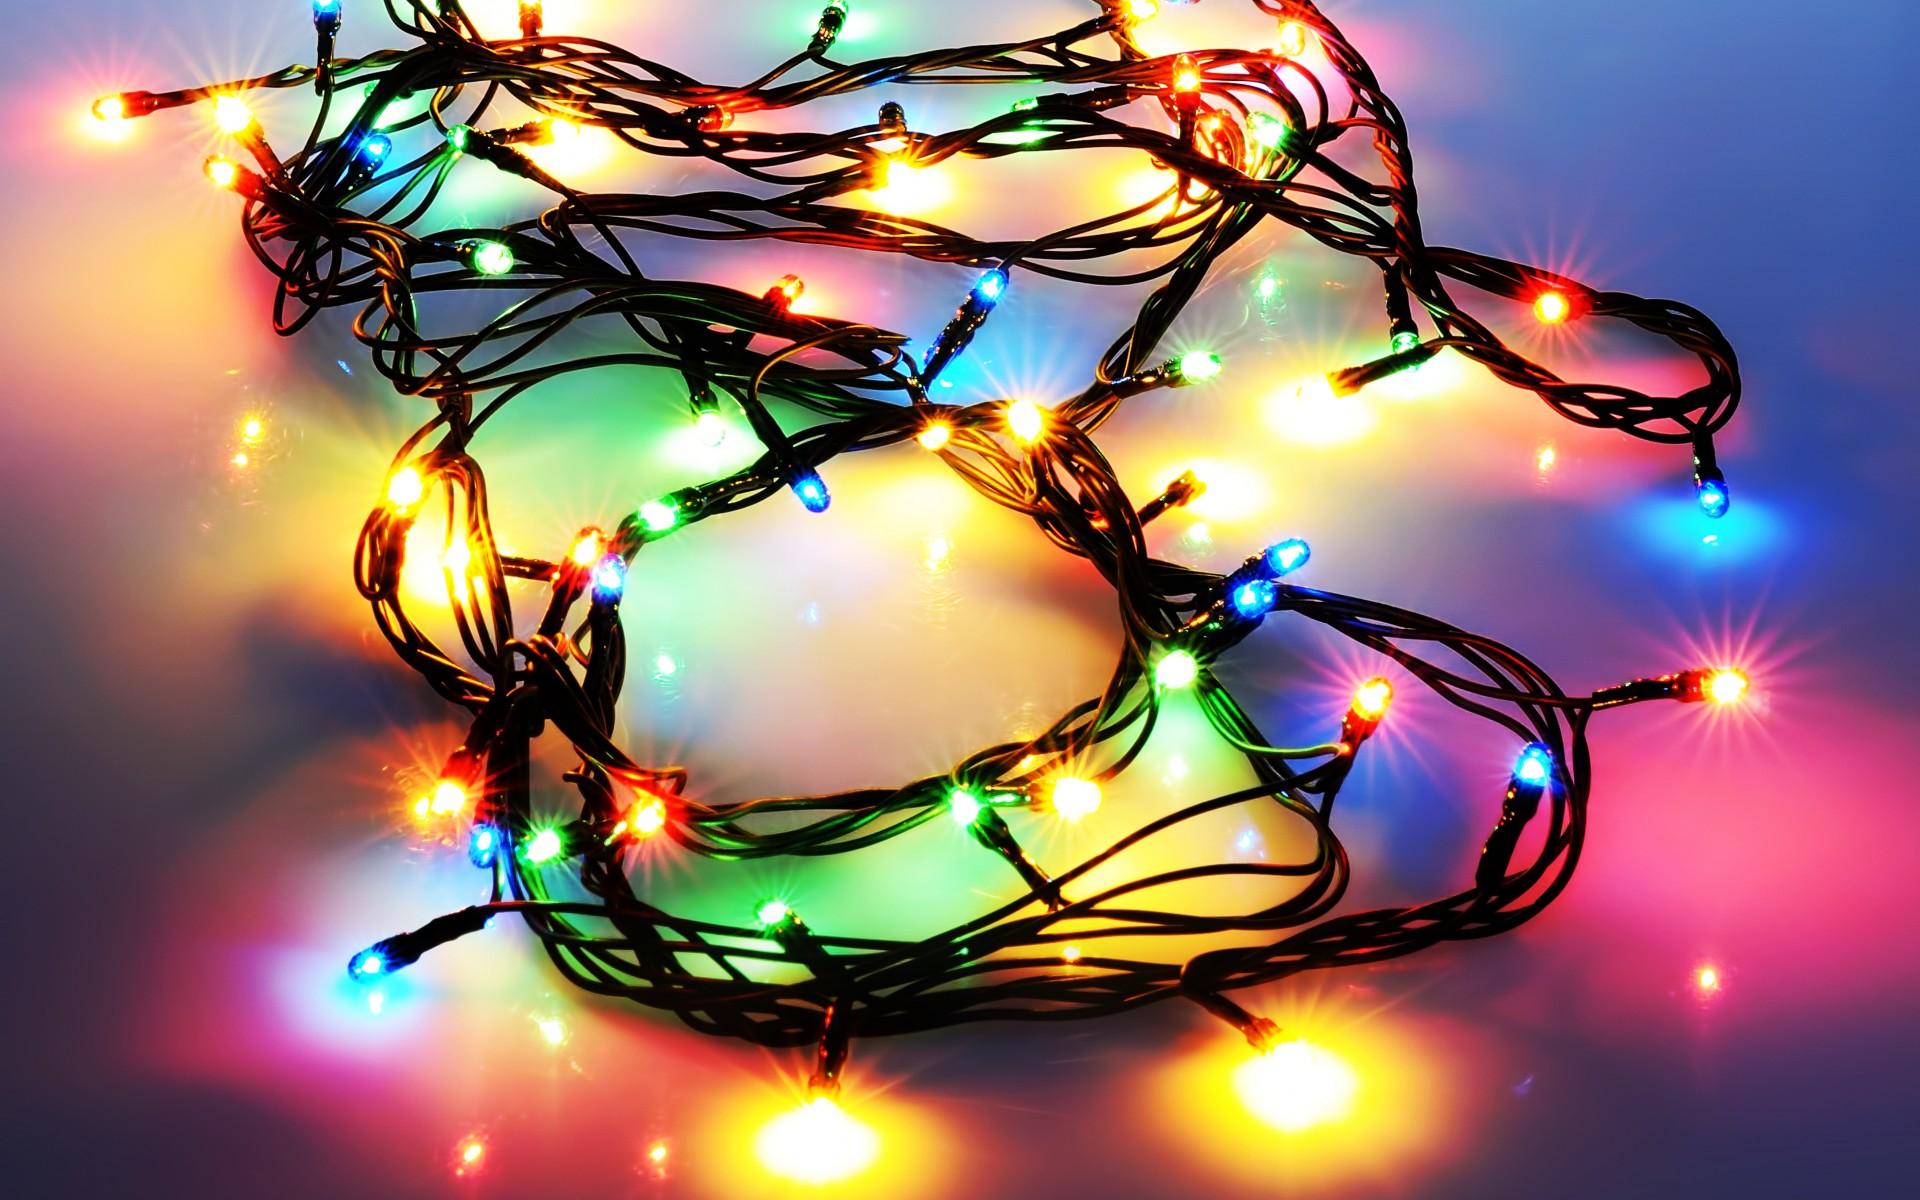 Holidays Christmas Lights Seasonal Colors Shine Sparkle